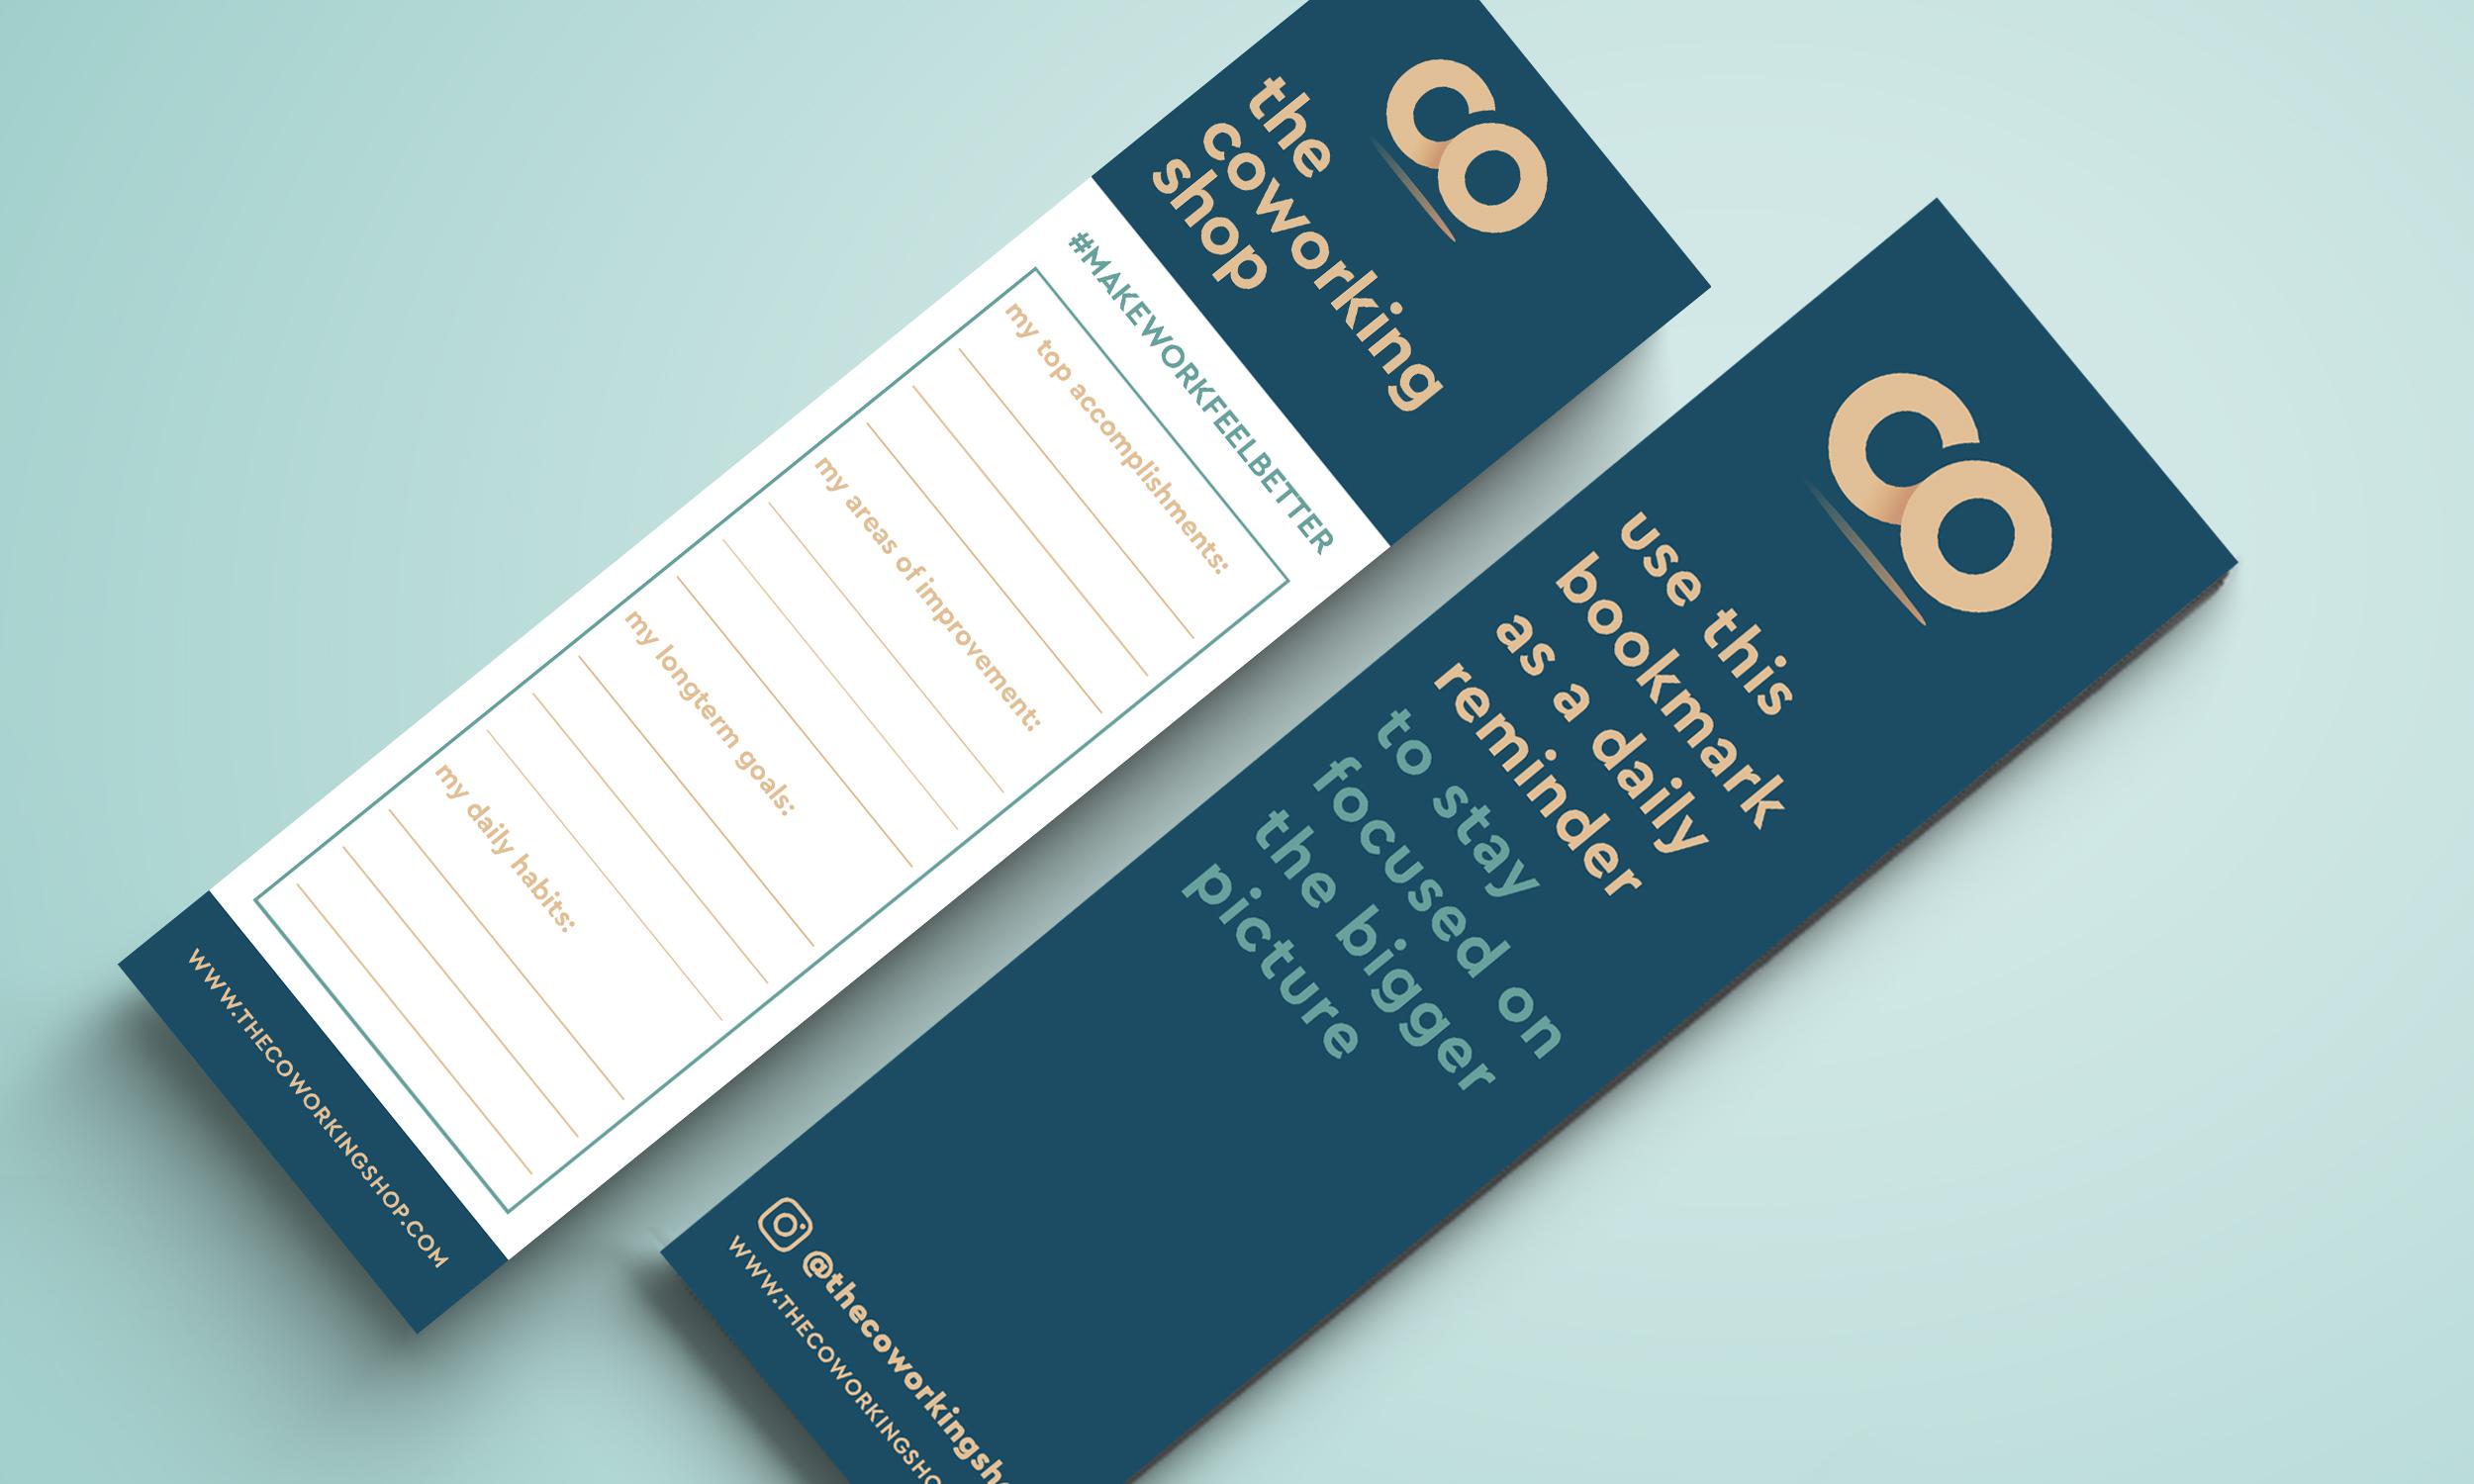 katelynbishop_design_coworkingshop_bookmark